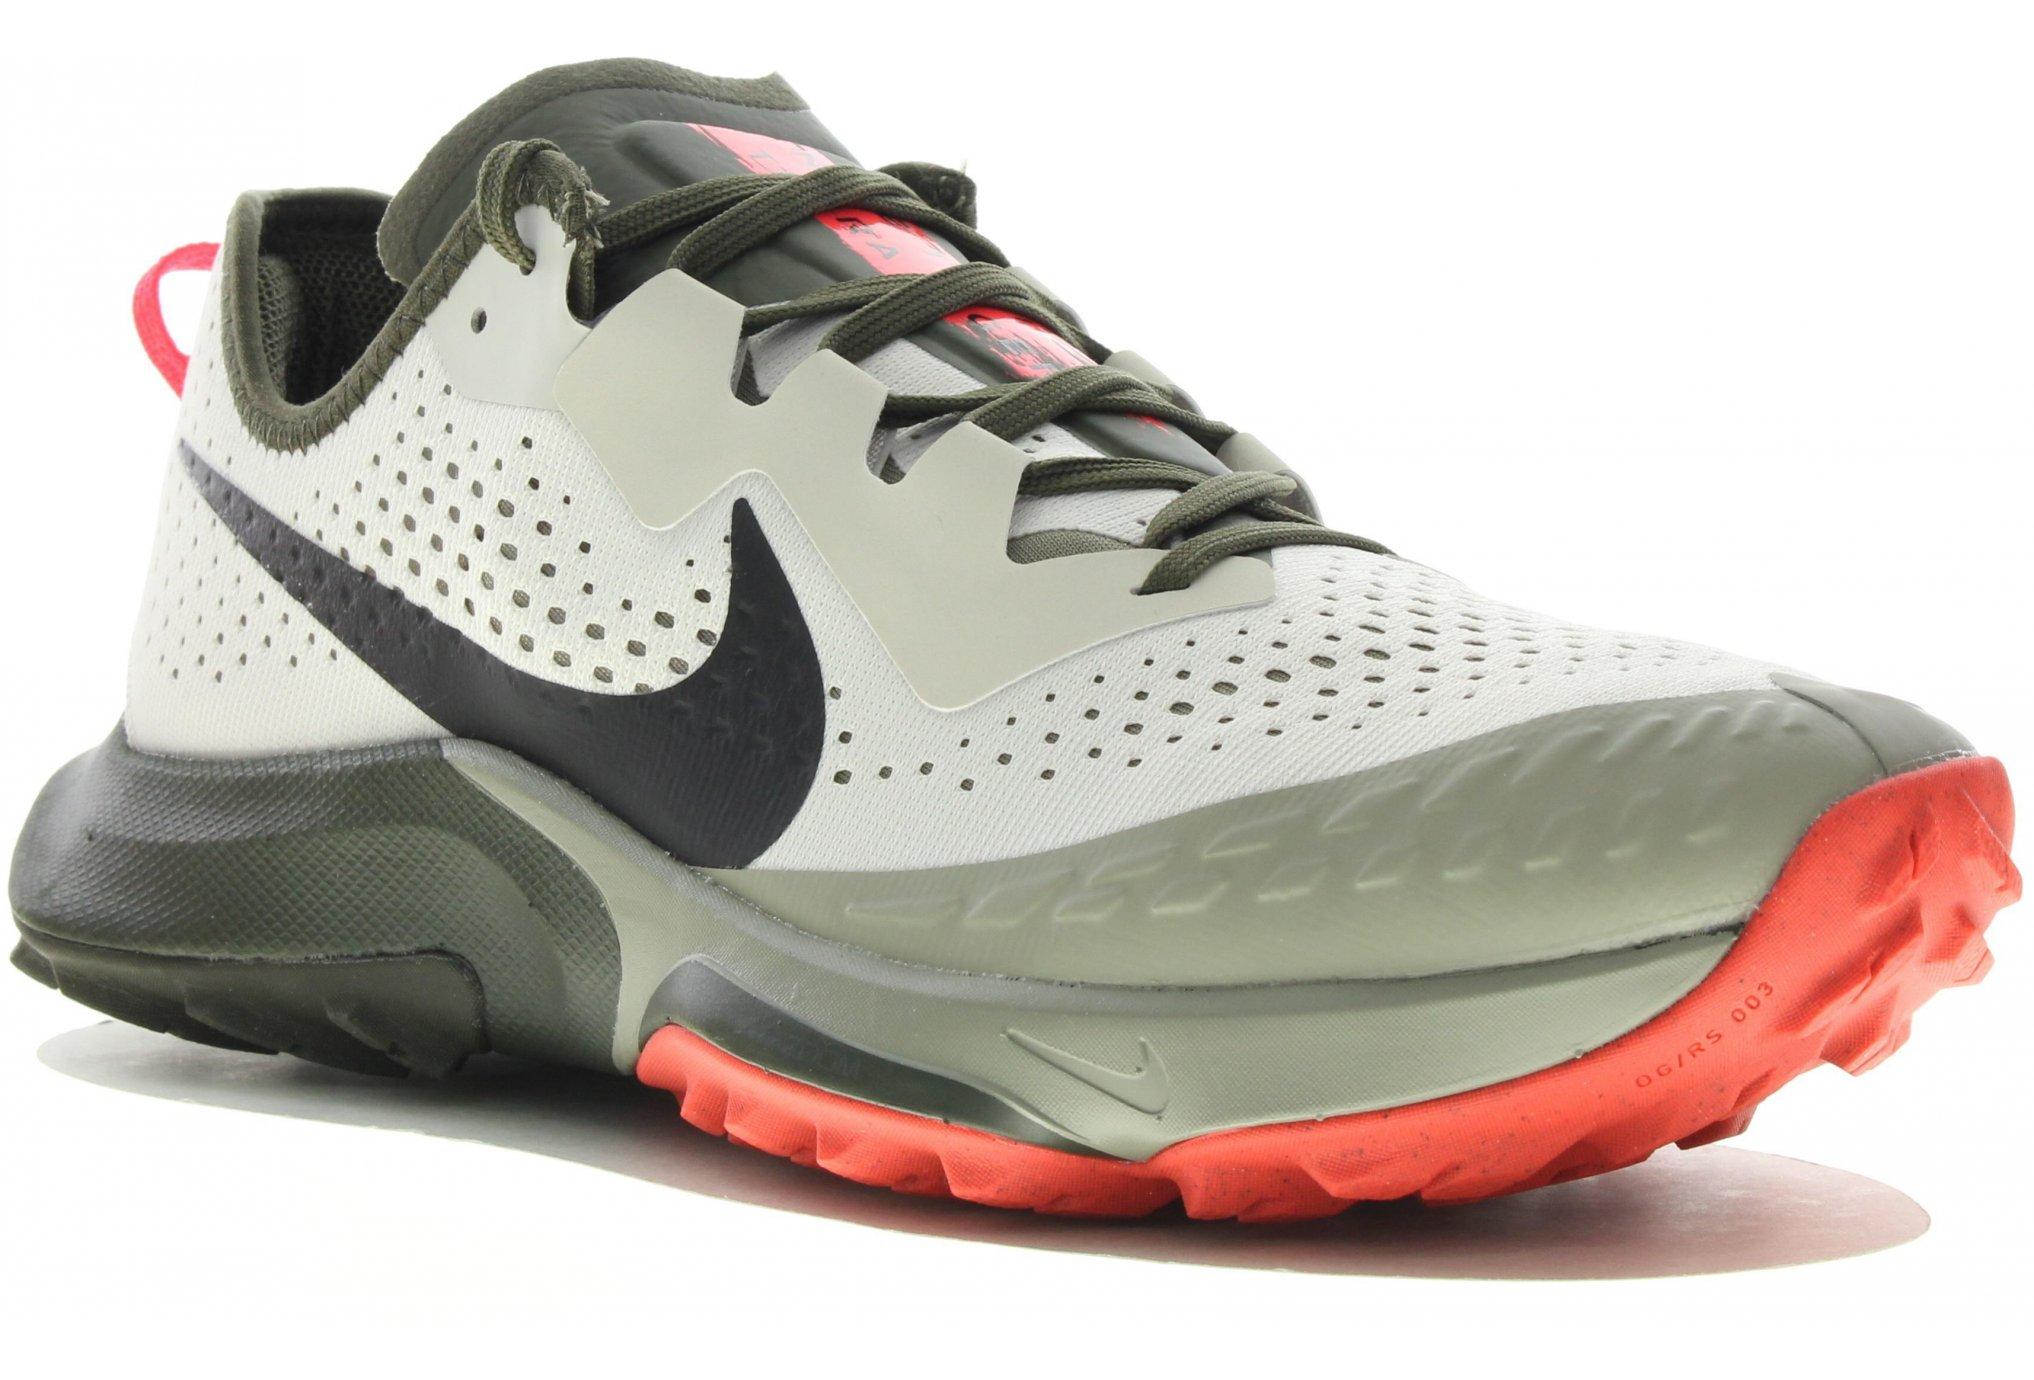 Nike Air Zoom Terra Kiger 7 M Diététique Chaussures homme